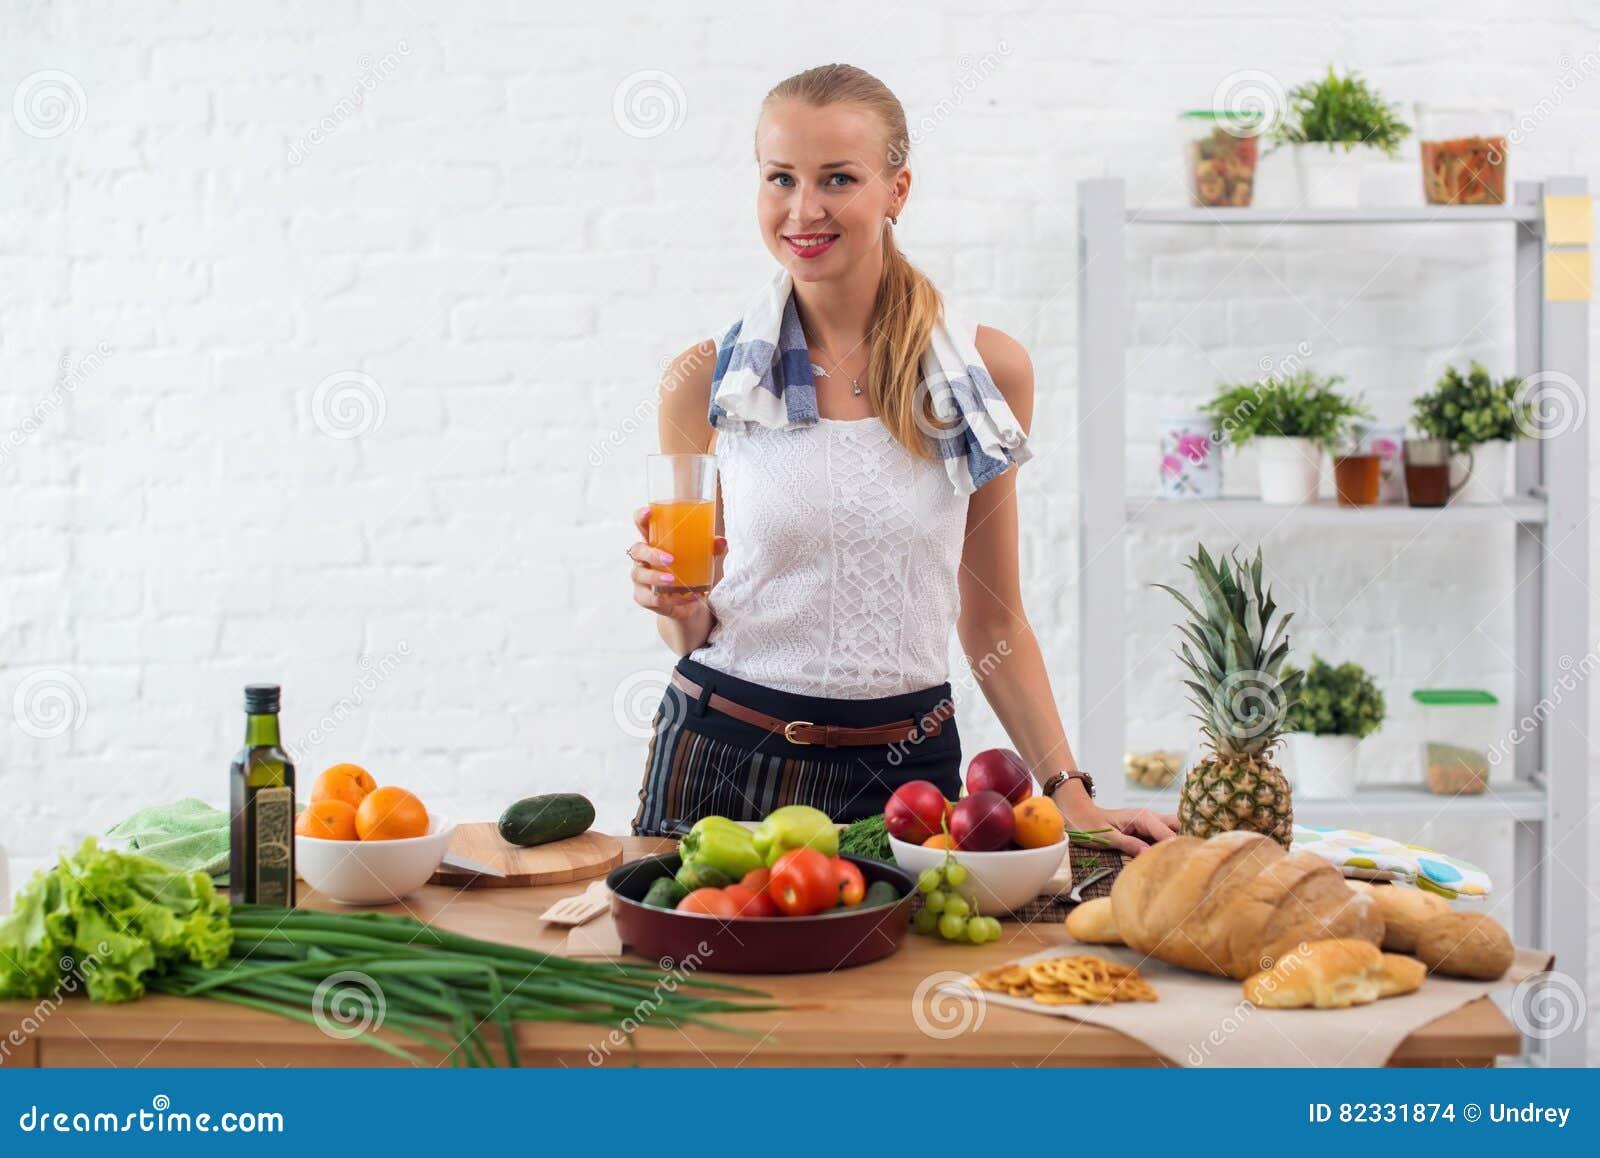 Γυναίκα που προετοιμάζει το γεύμα σε μια κουζίνα, πίνοντας το μαγείρεμα έννοιας χυμού, μαγειρικός, υγιής τρόπος ζωής